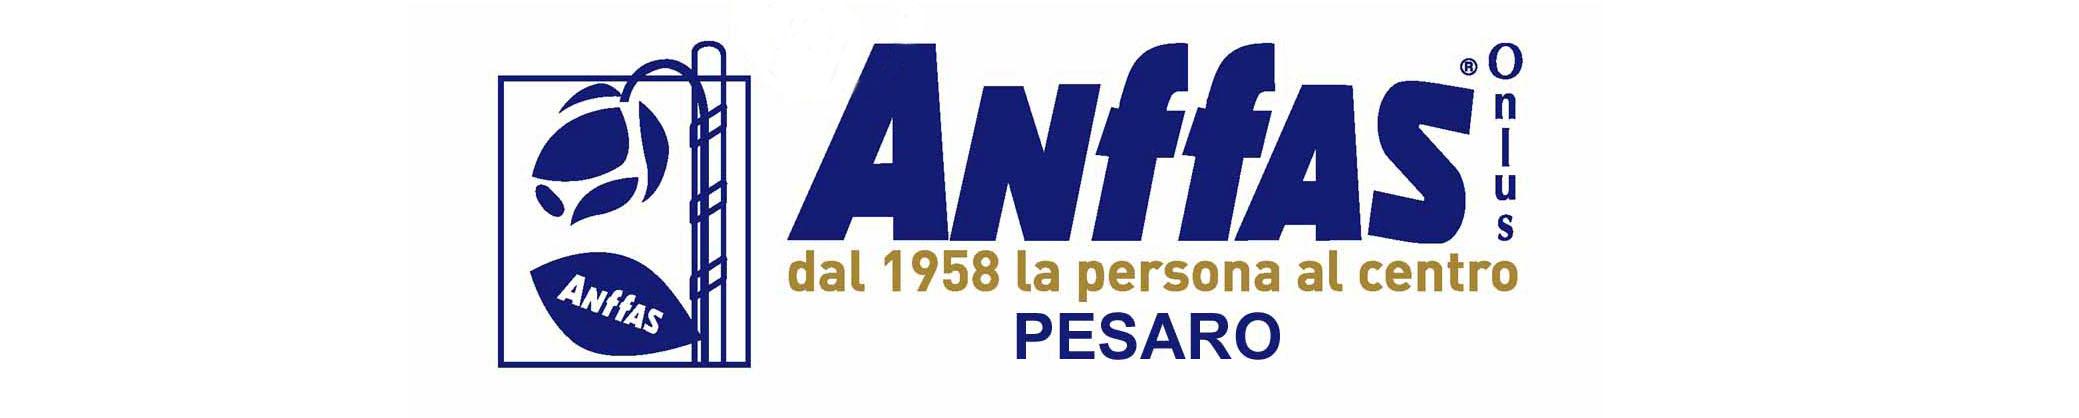 ANFFAS Onlus di Pesaro